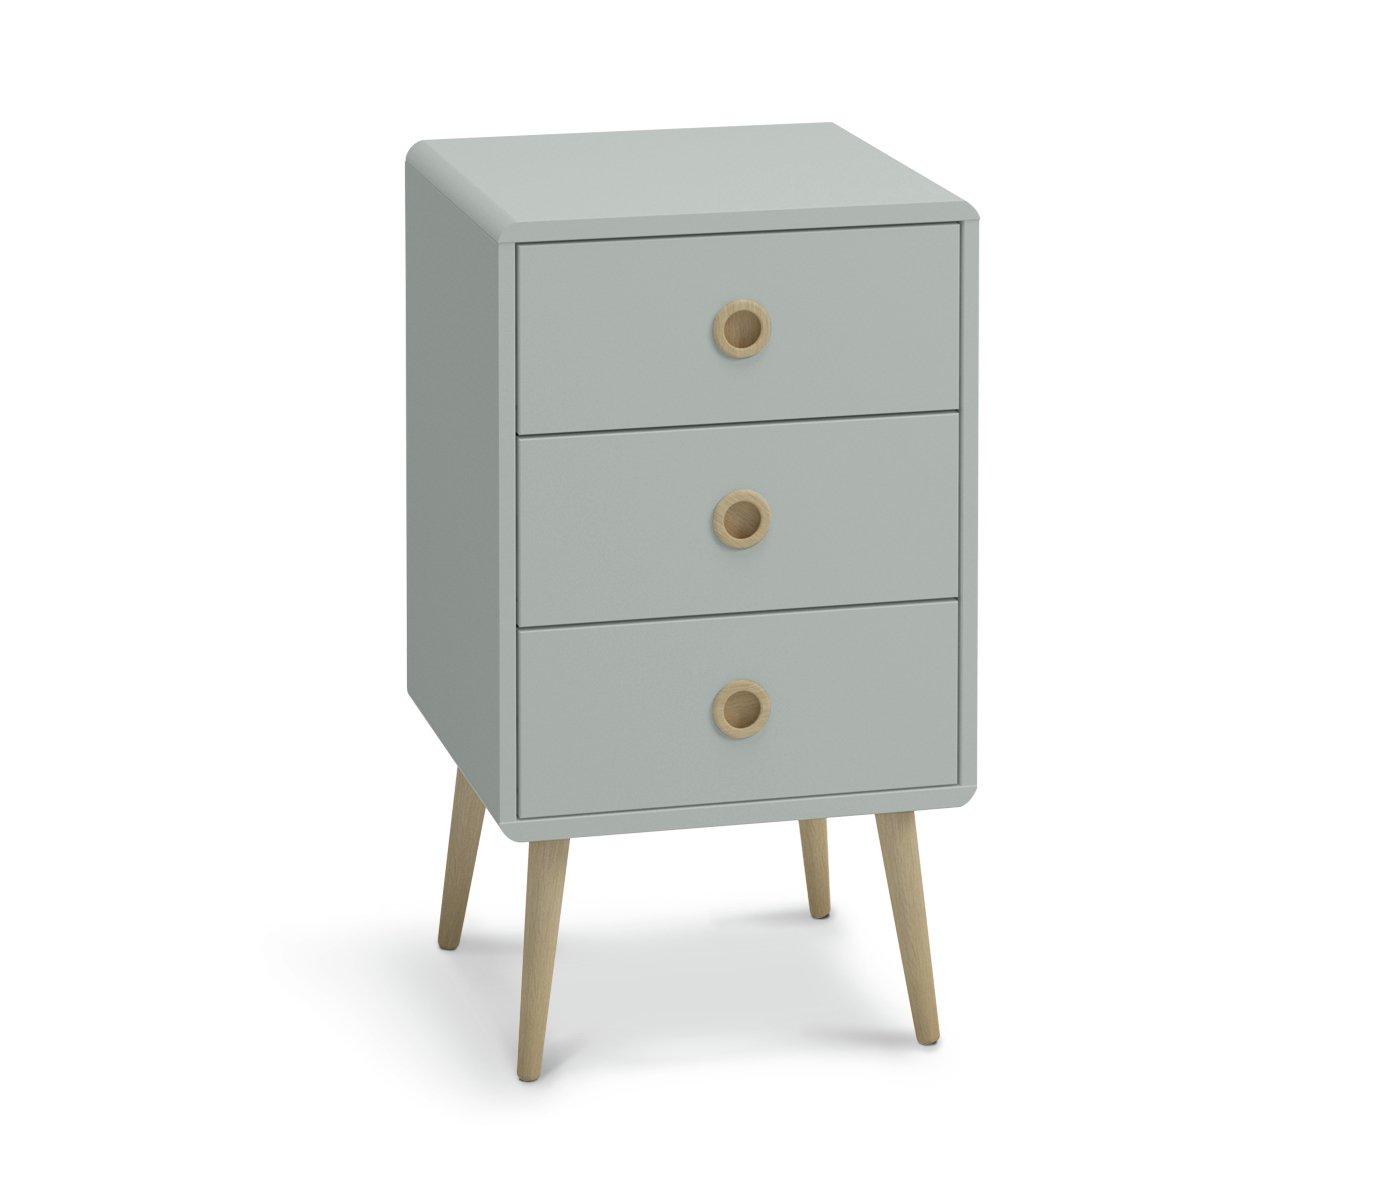 Argos Home Softline 3 Drawer Bedside Table - Grey